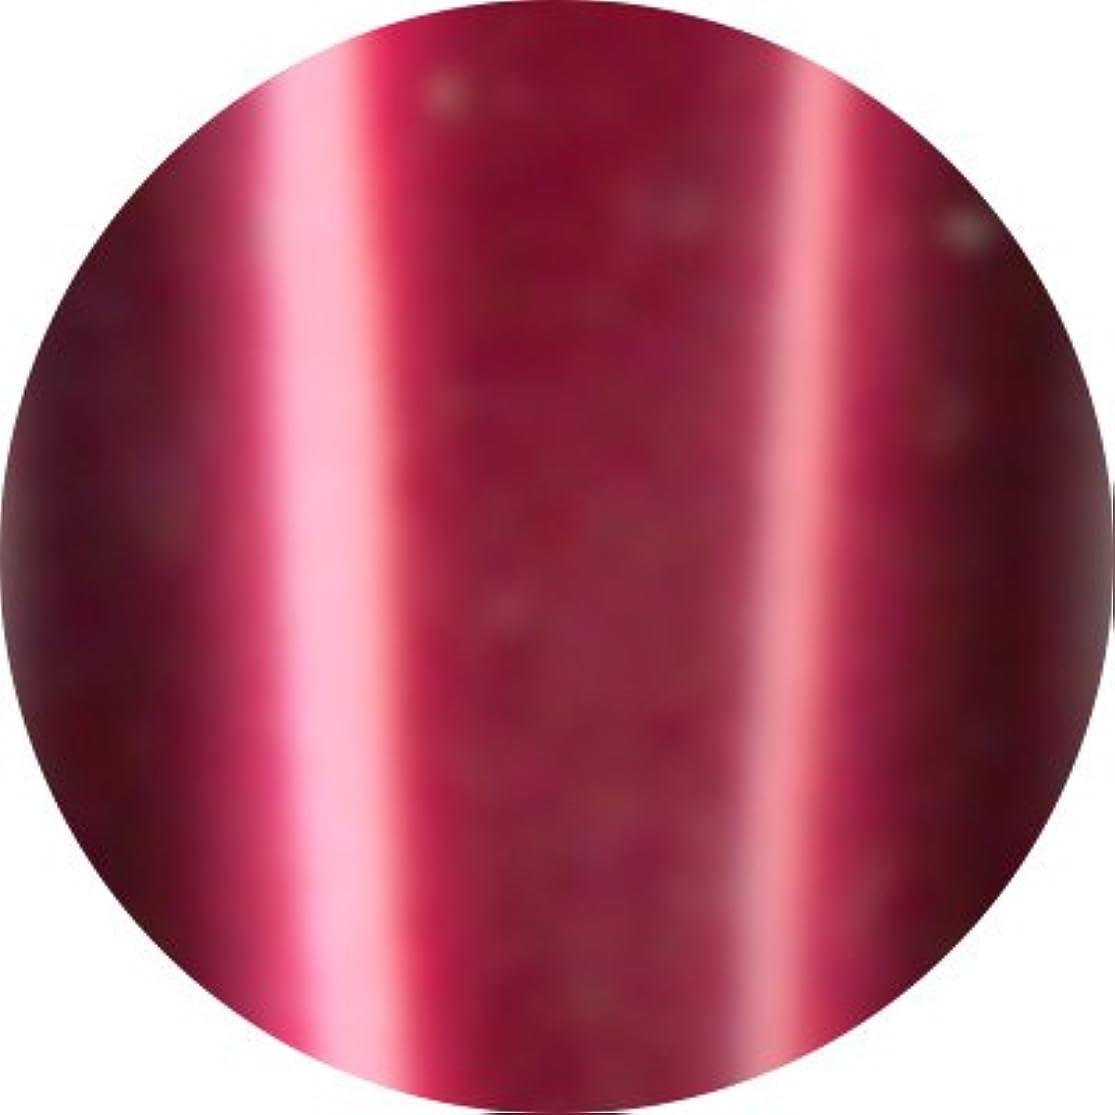 ホイップこするドリルJewelry jel(ジュエリージェル) カラージェル 5ml<BR>メタリック MT019